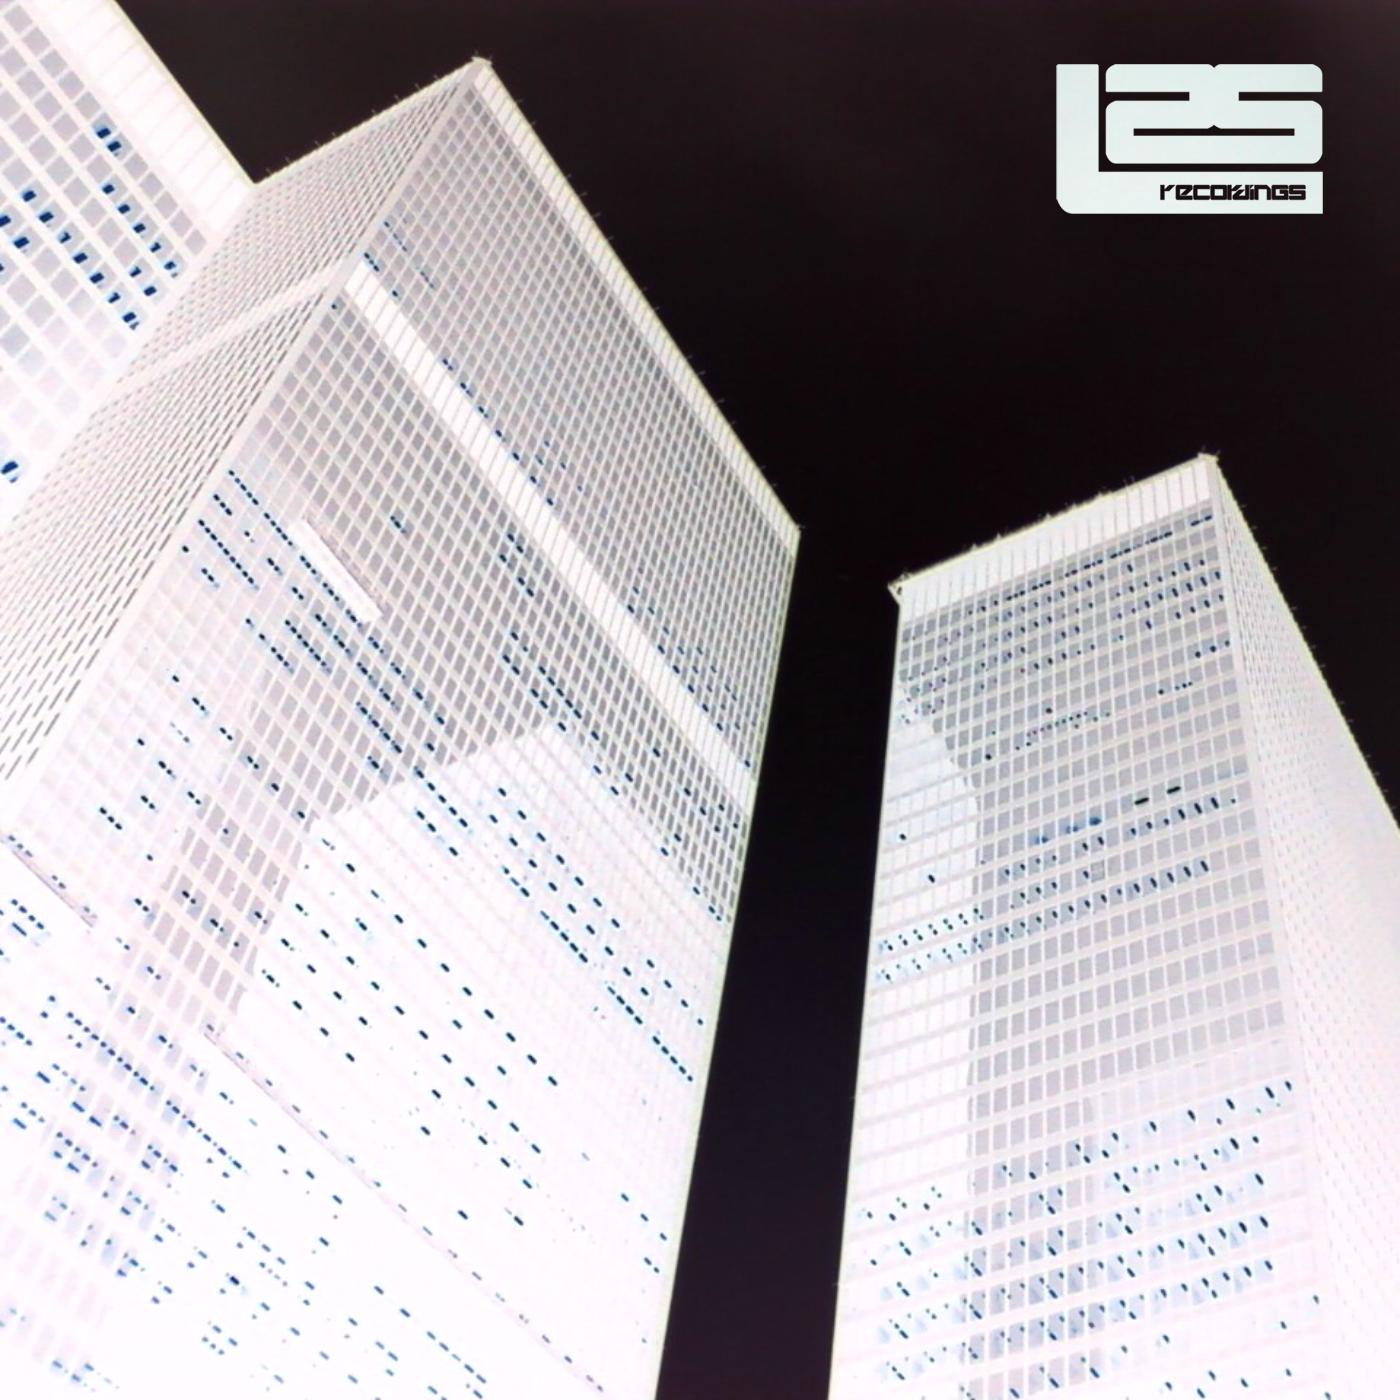 L2S133: Mokujin - DB6 EP